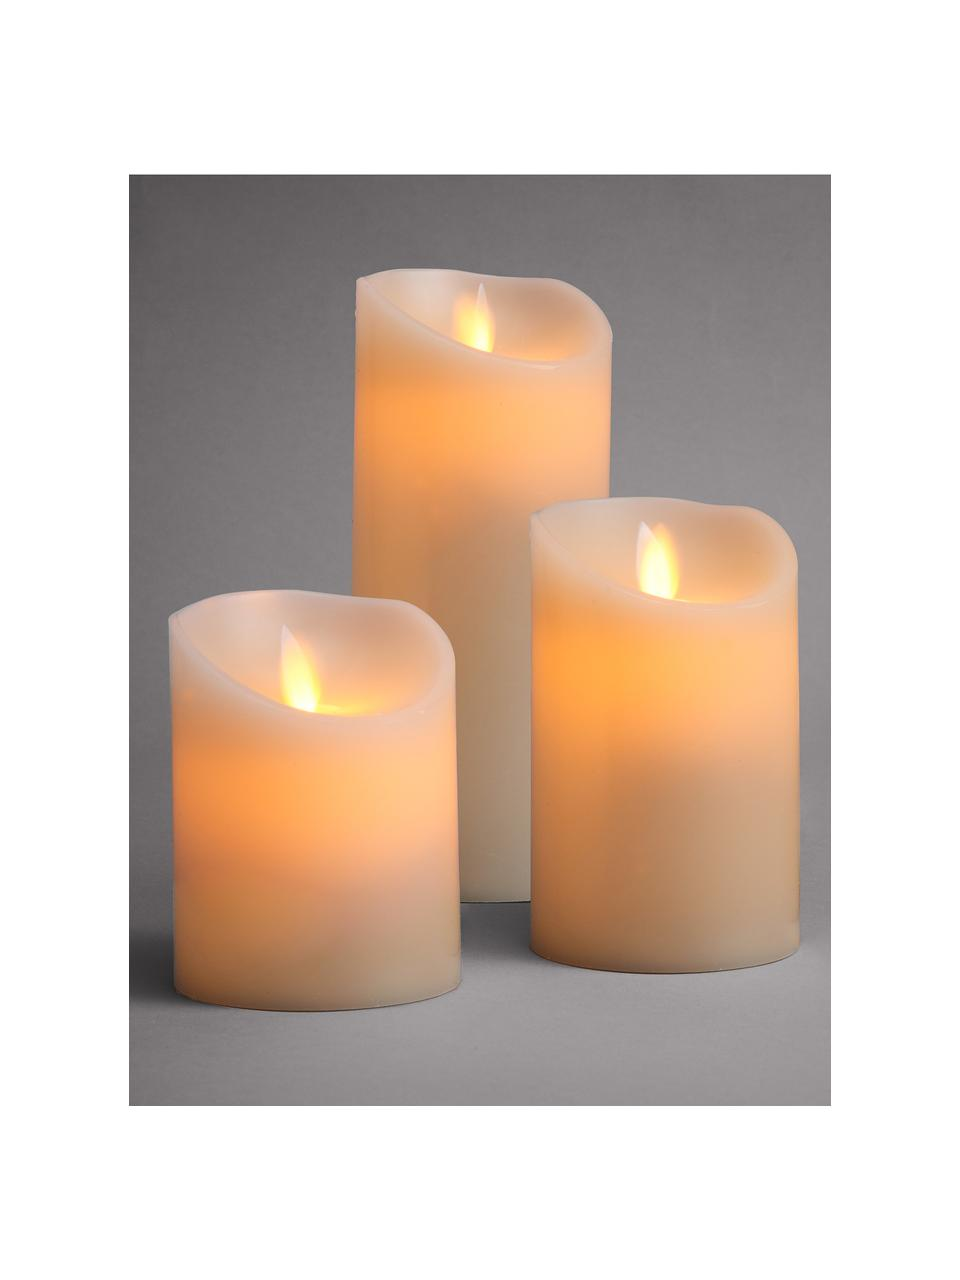 Bougie LED Glowing Flame, 3élém., Crème